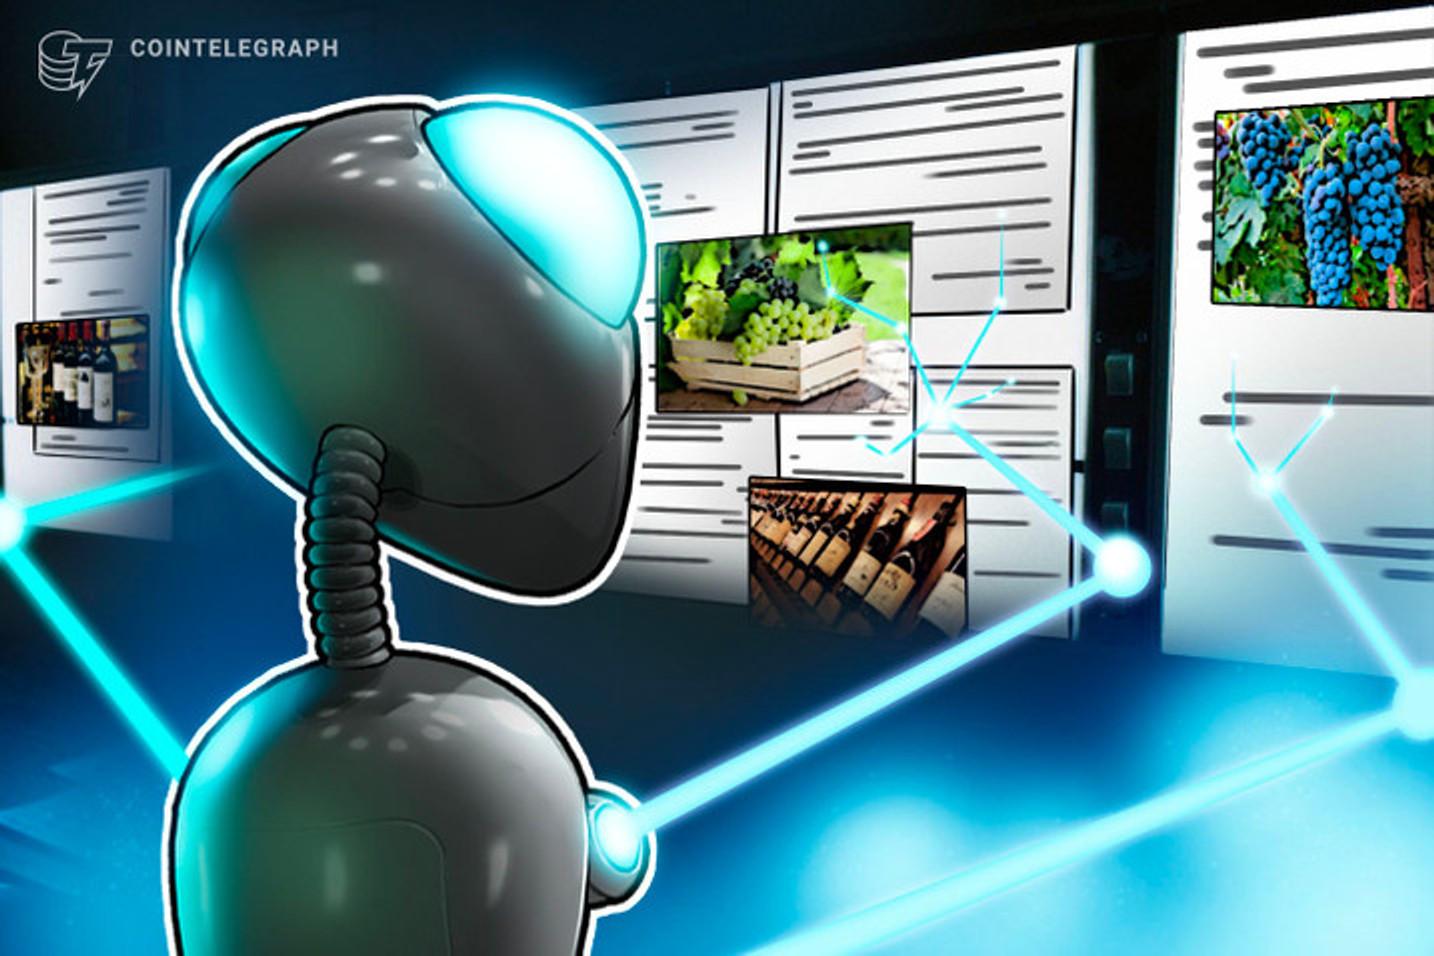 Bodegas españolas aplicarán blockchain para trazabilidad de la mano de Cubic Fort